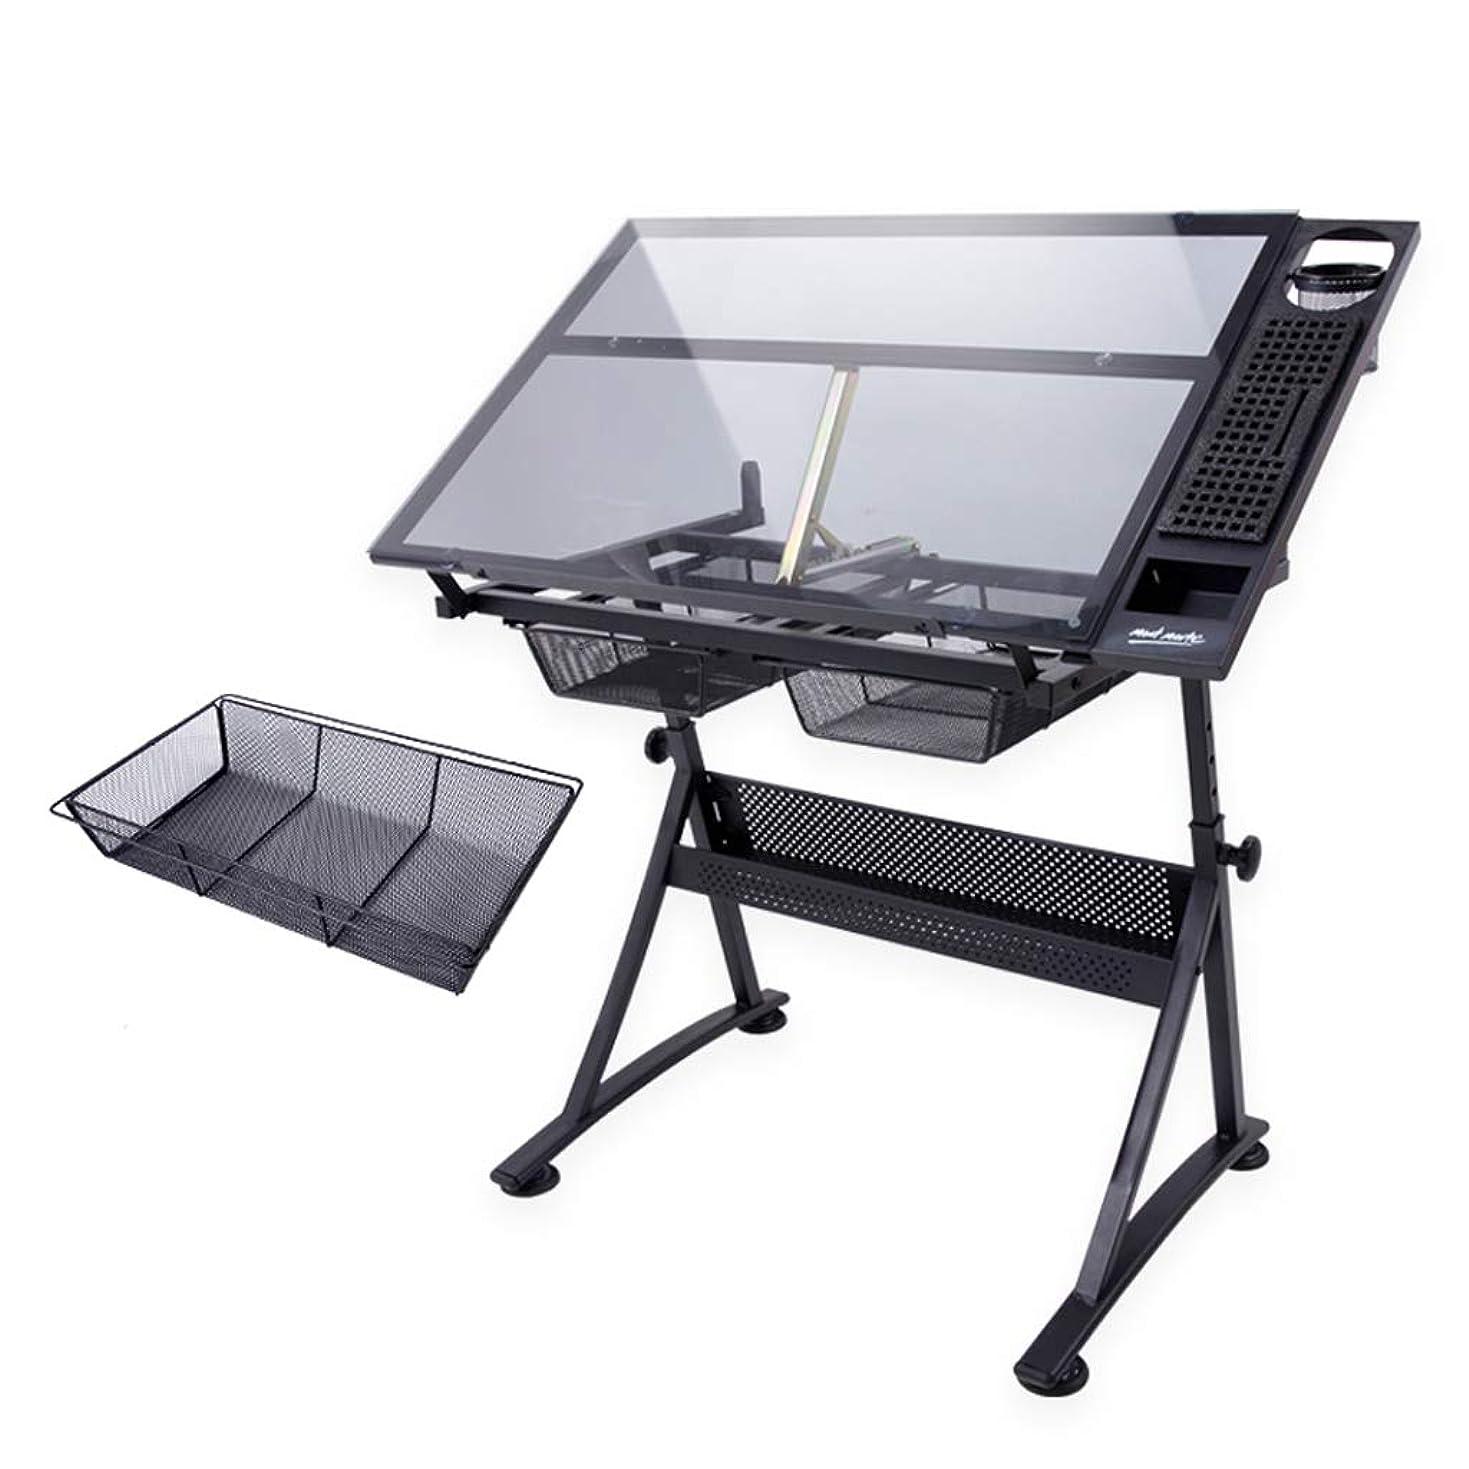 雷雨ペネロペ文庫本HBJP 絵画およびデッサンのテーブル、調節可能なデッサンのテーブルデザイナーテーブルの長さ1022mm、幅600mmを上げ下げすることができます イーゼル